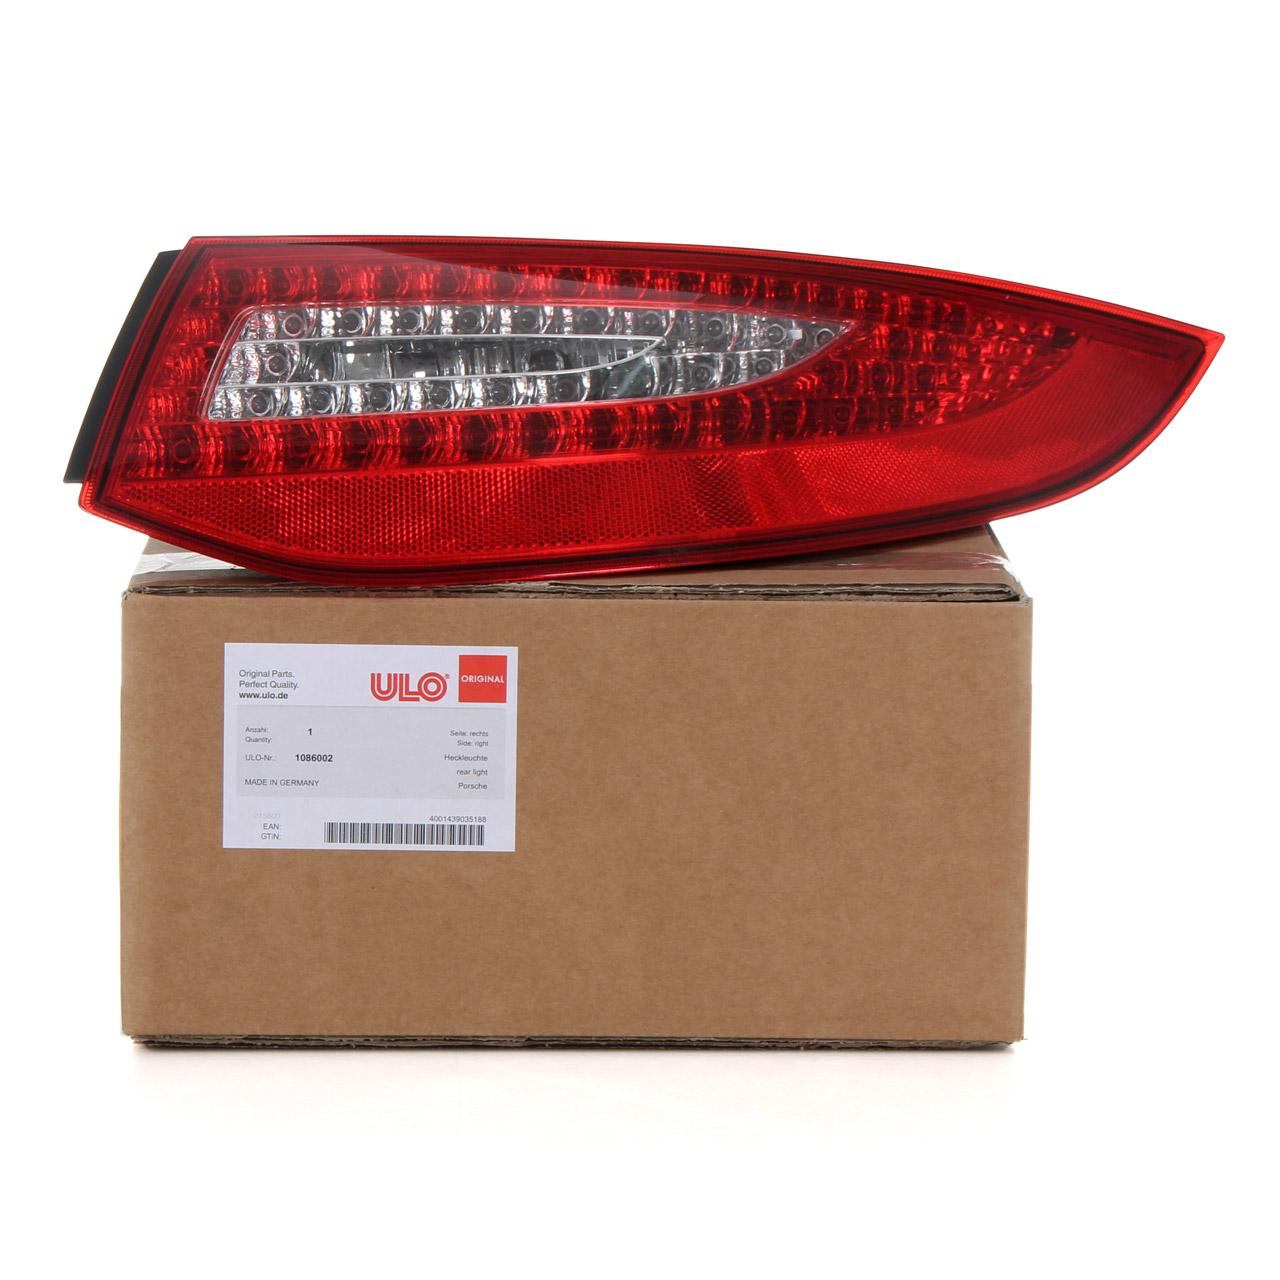 ULO Heckleuchte Rücklicht LED EU-Version für PORSCHE 997 FACELIFT ab 2008 rechts